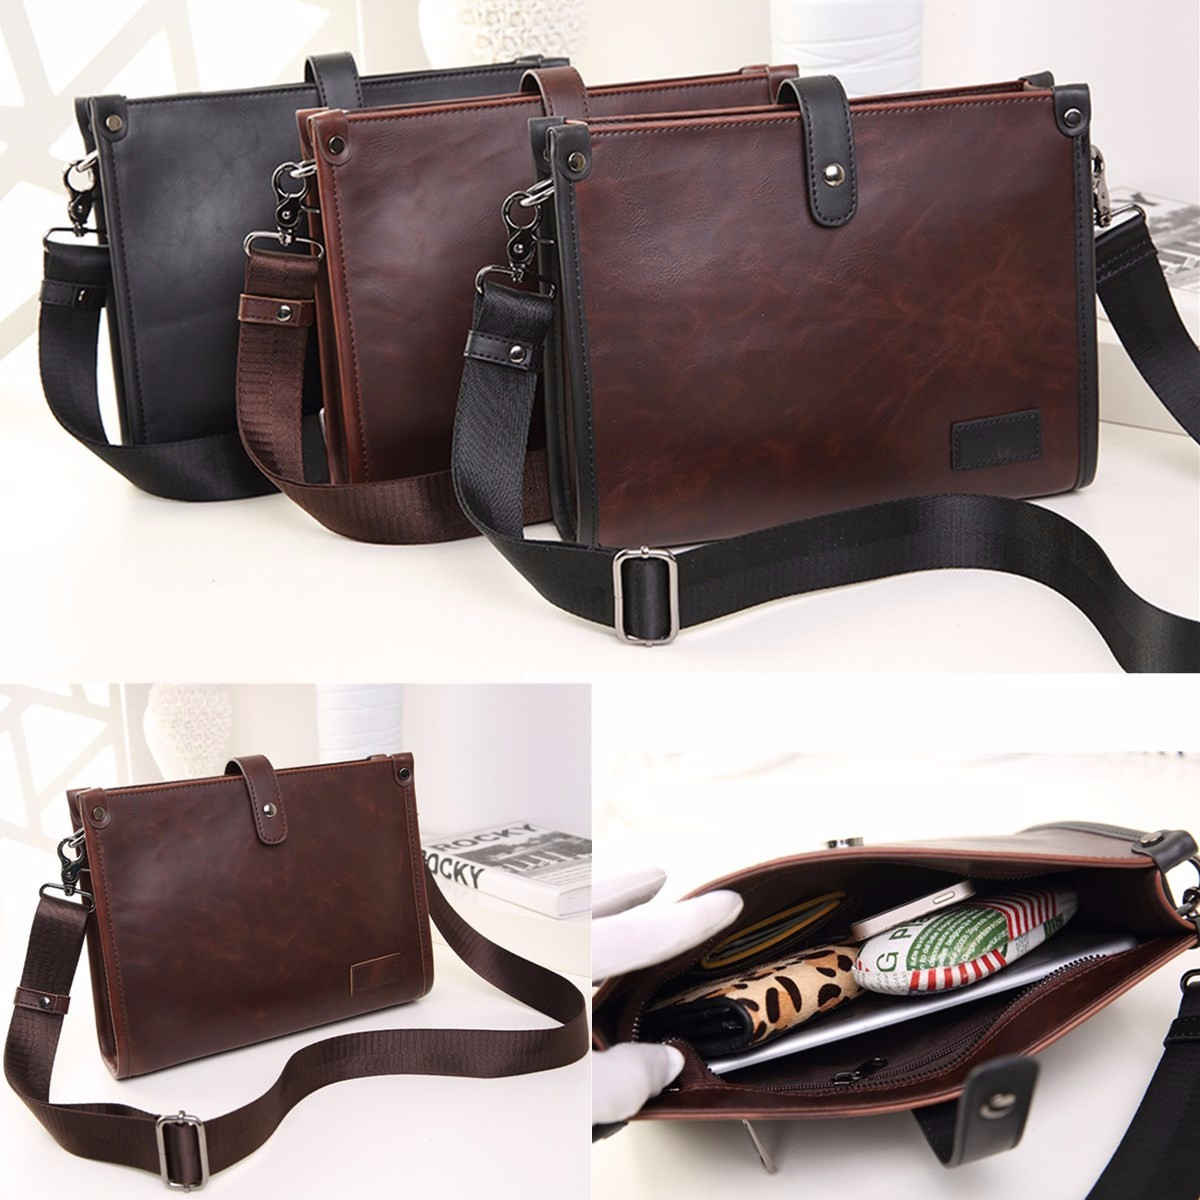 Men's Leather Business Briefcase Handbag Messenger Shoulder Crossbody Bag Satchel Messenger Bag Business Bags Male New